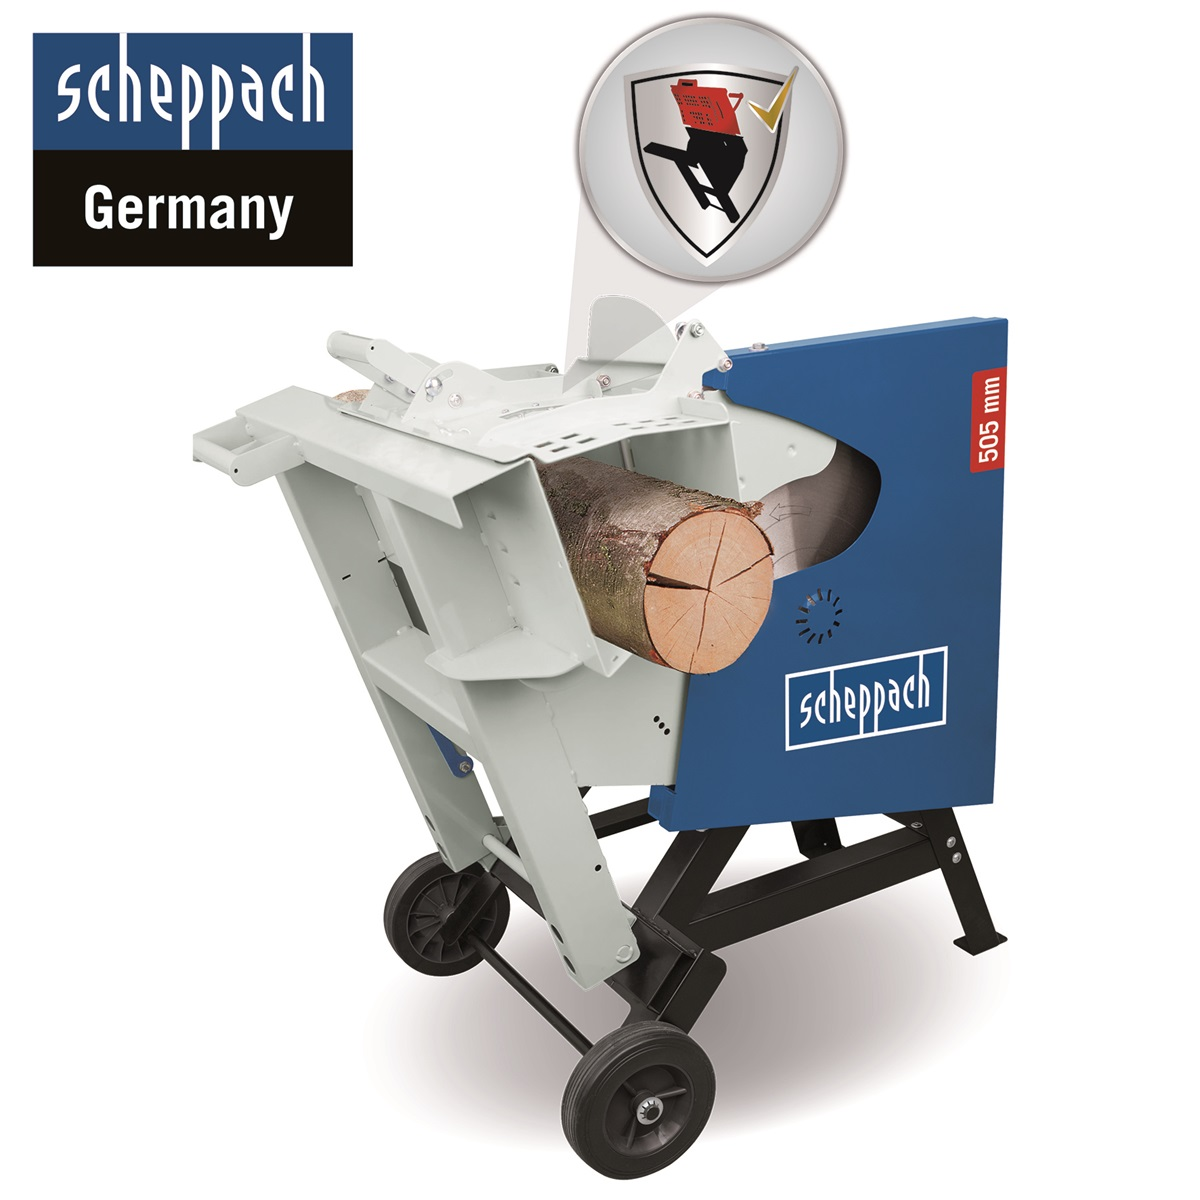 Scheppach HS 520 - kolébková pila/cirkulárka 230 V